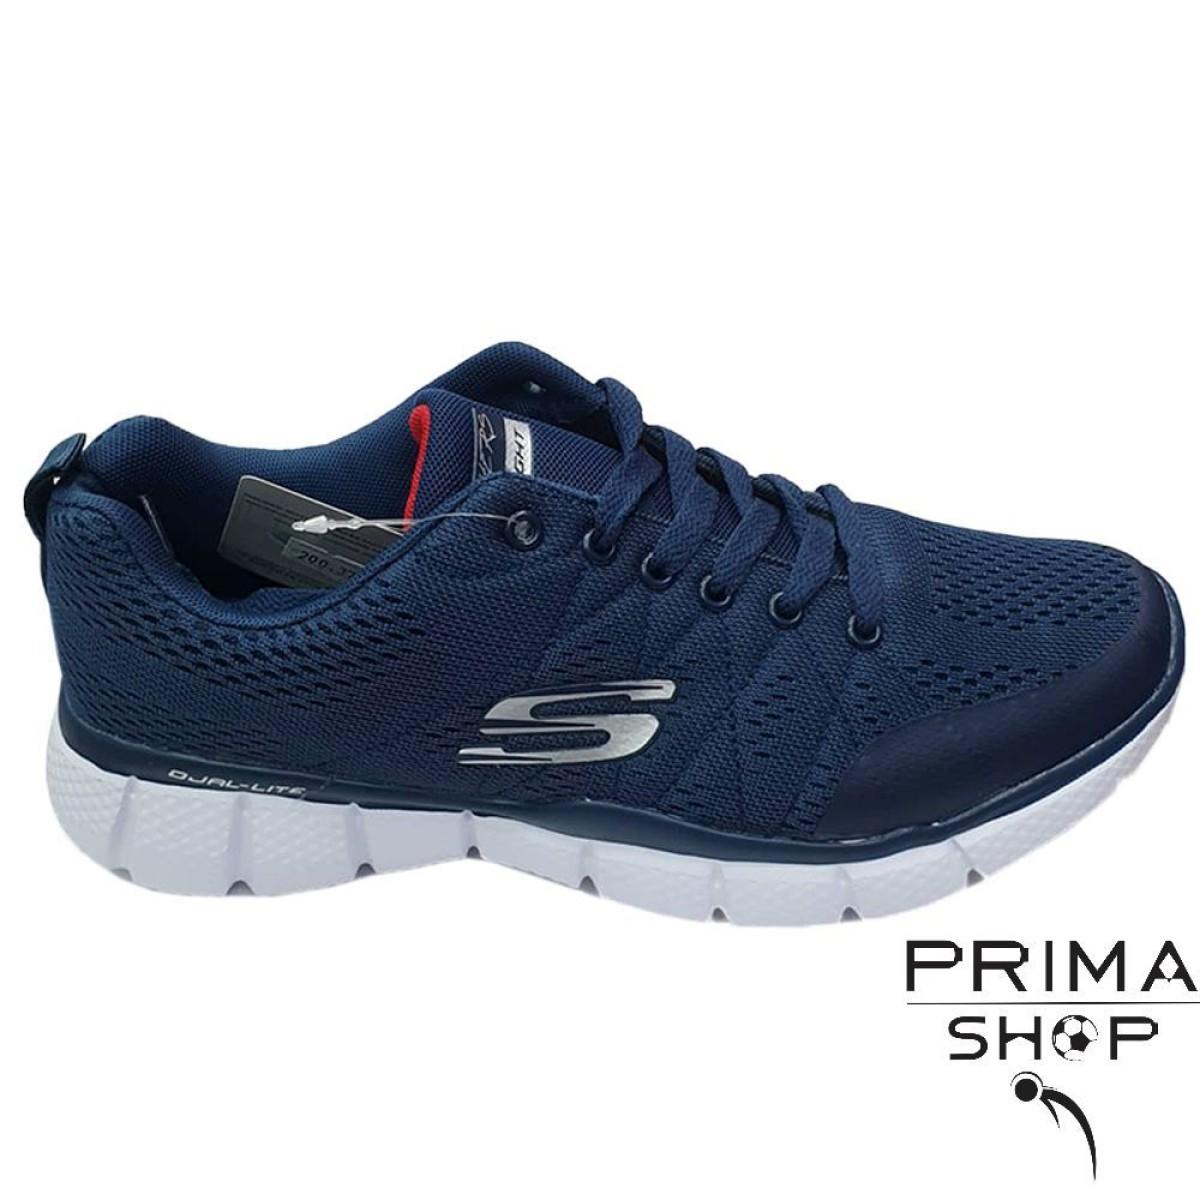 کفش اسکیچرز مردانه کد 05 (های کپی)